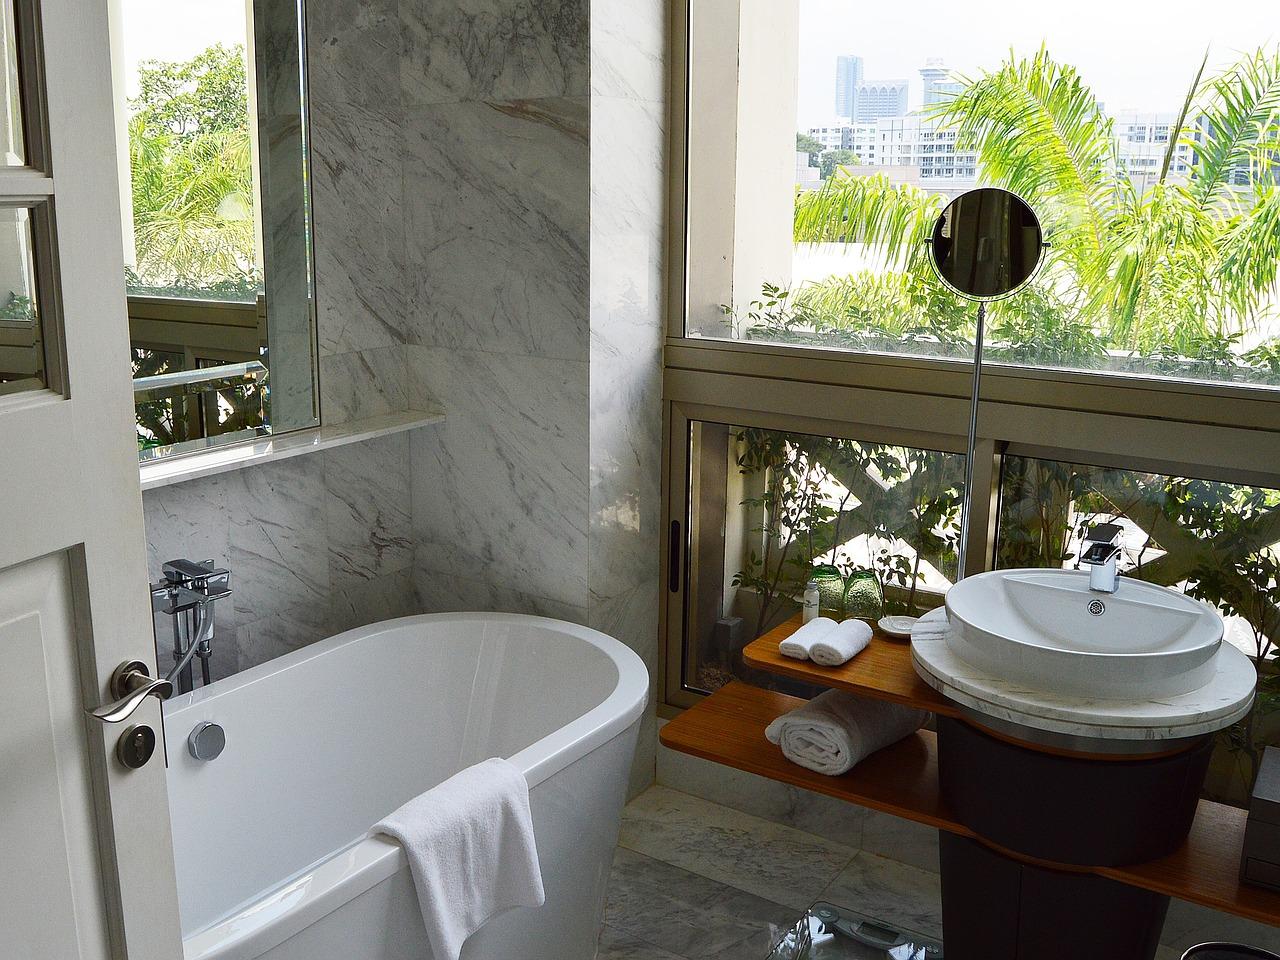 Meble Do Małej łazienki Czego Nie Powinno Wśród Nich